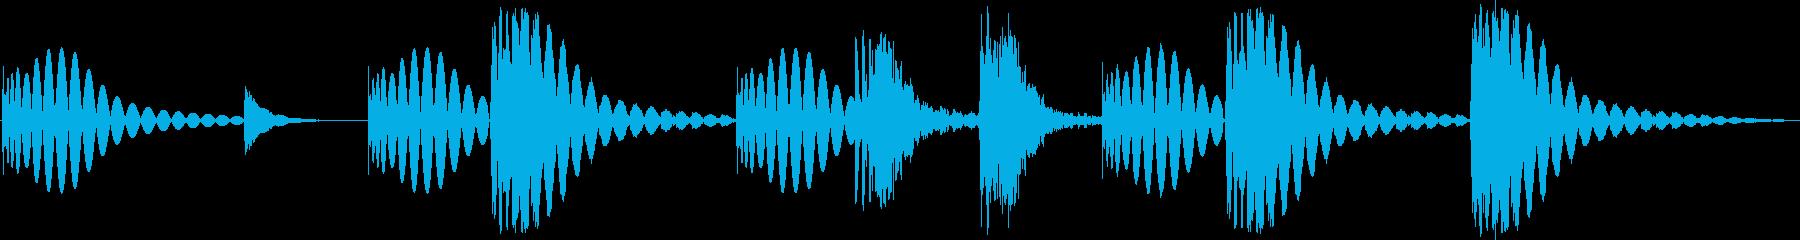 シンプルでコミカルなドラムのジングルの再生済みの波形